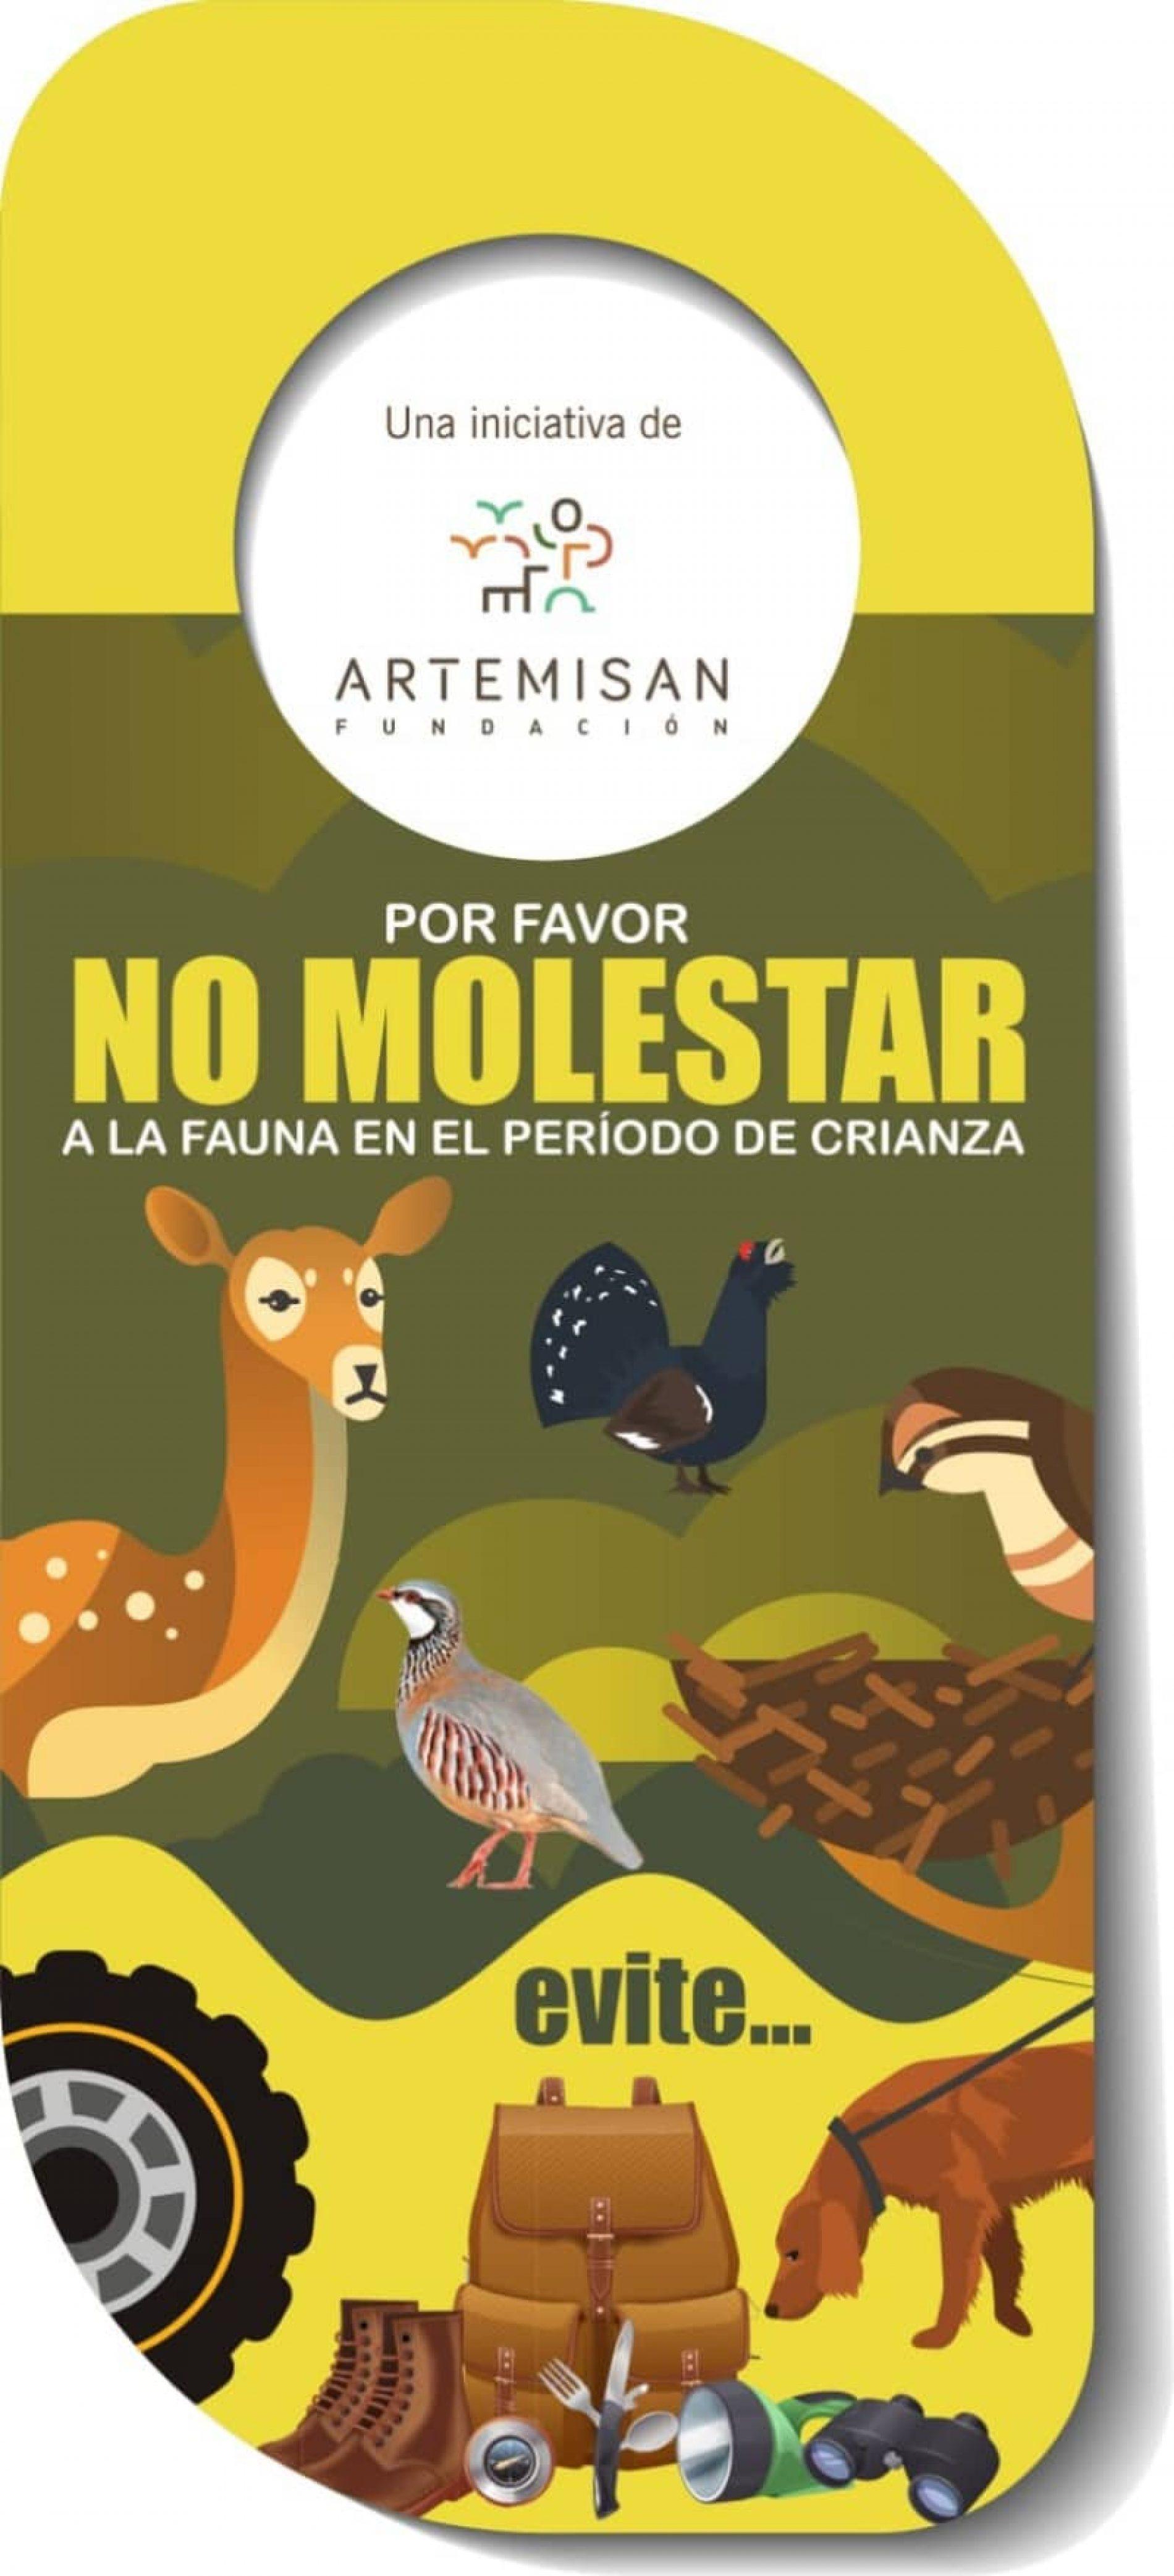 """""""Se ruega no molestar"""", los peligros de molestar a la fauna silvestre durante los periodos de cría"""